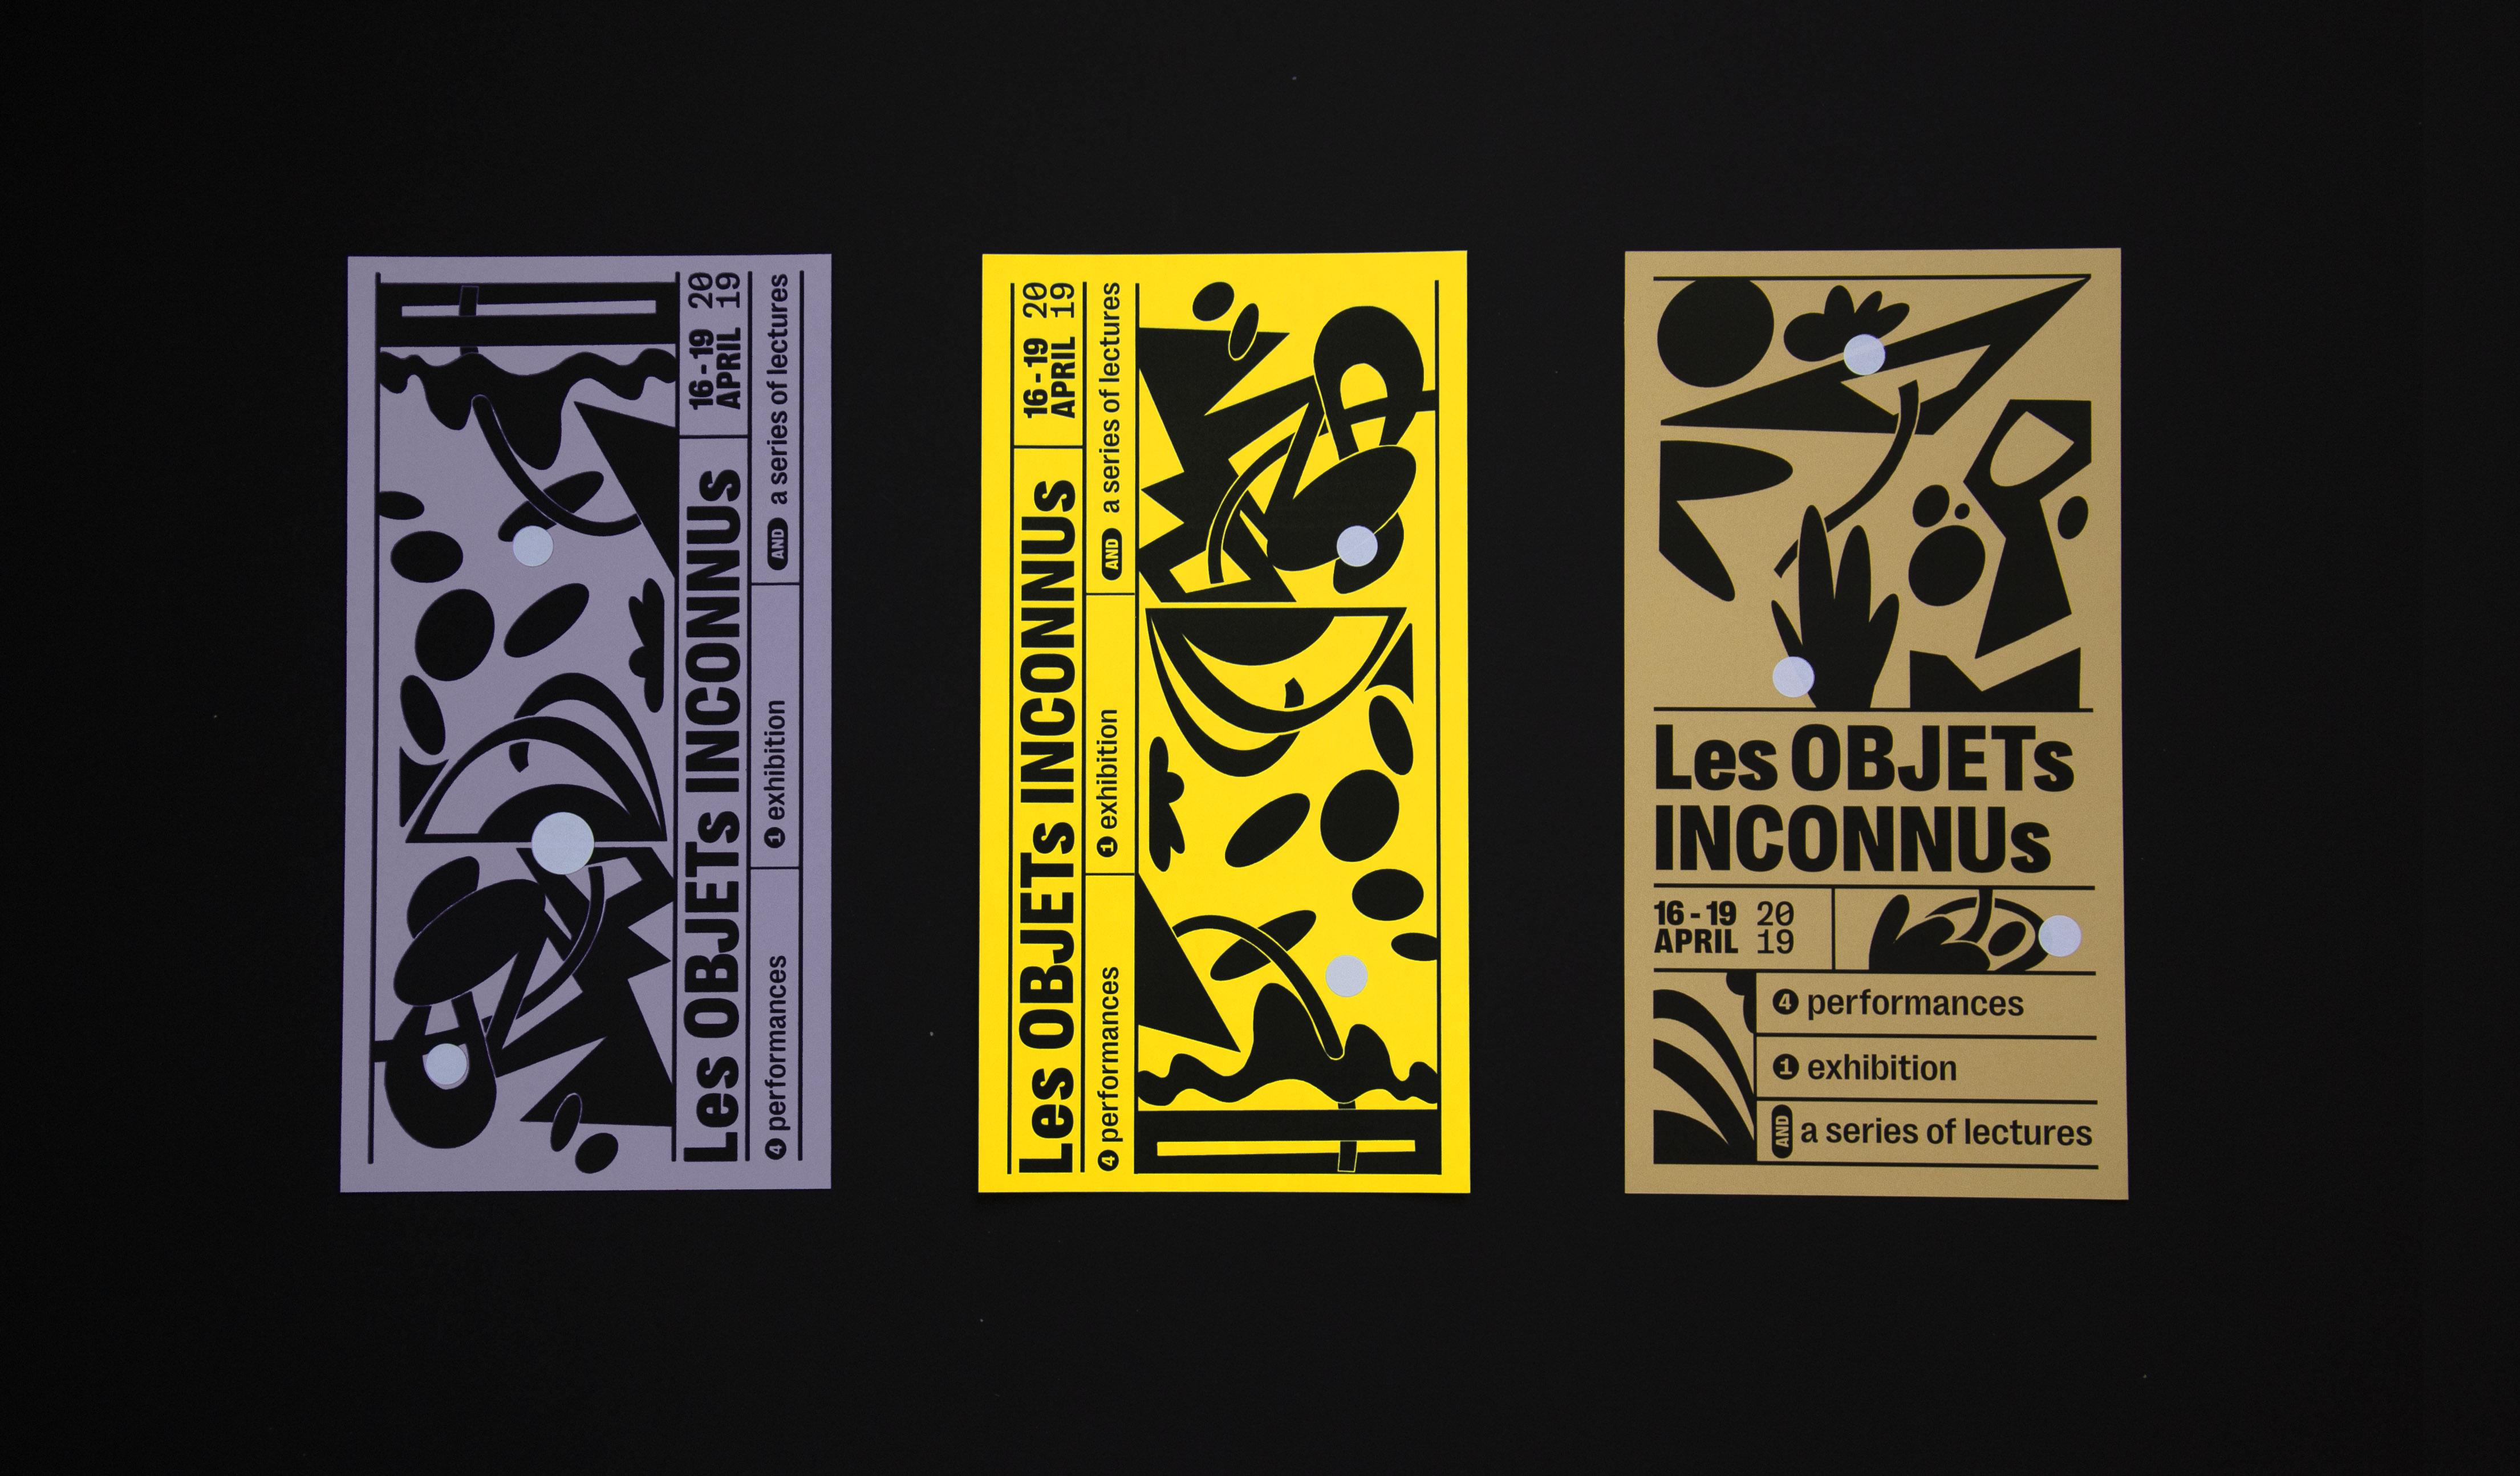 flyers ontworpen voor een tentoonstelling